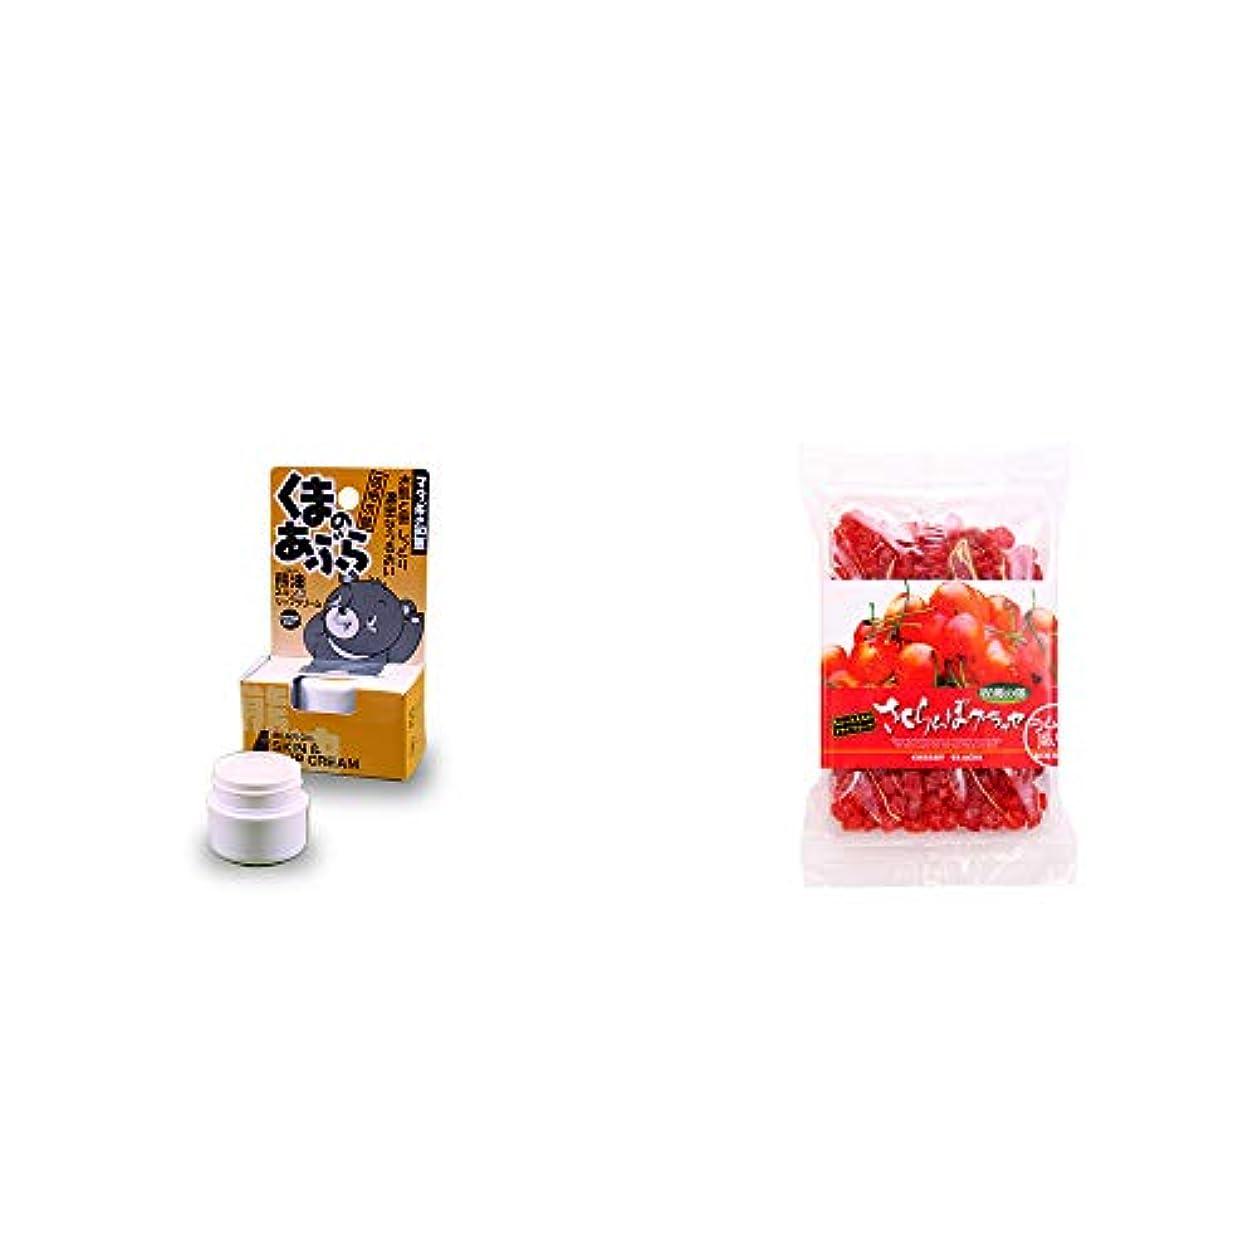 消化犯す小学生[2点セット] 信州木曽 くまのあぶら 熊油スキン&リップクリーム(9g)?収穫の朝 さくらんぼグラッセ ラム酒風味(180g)